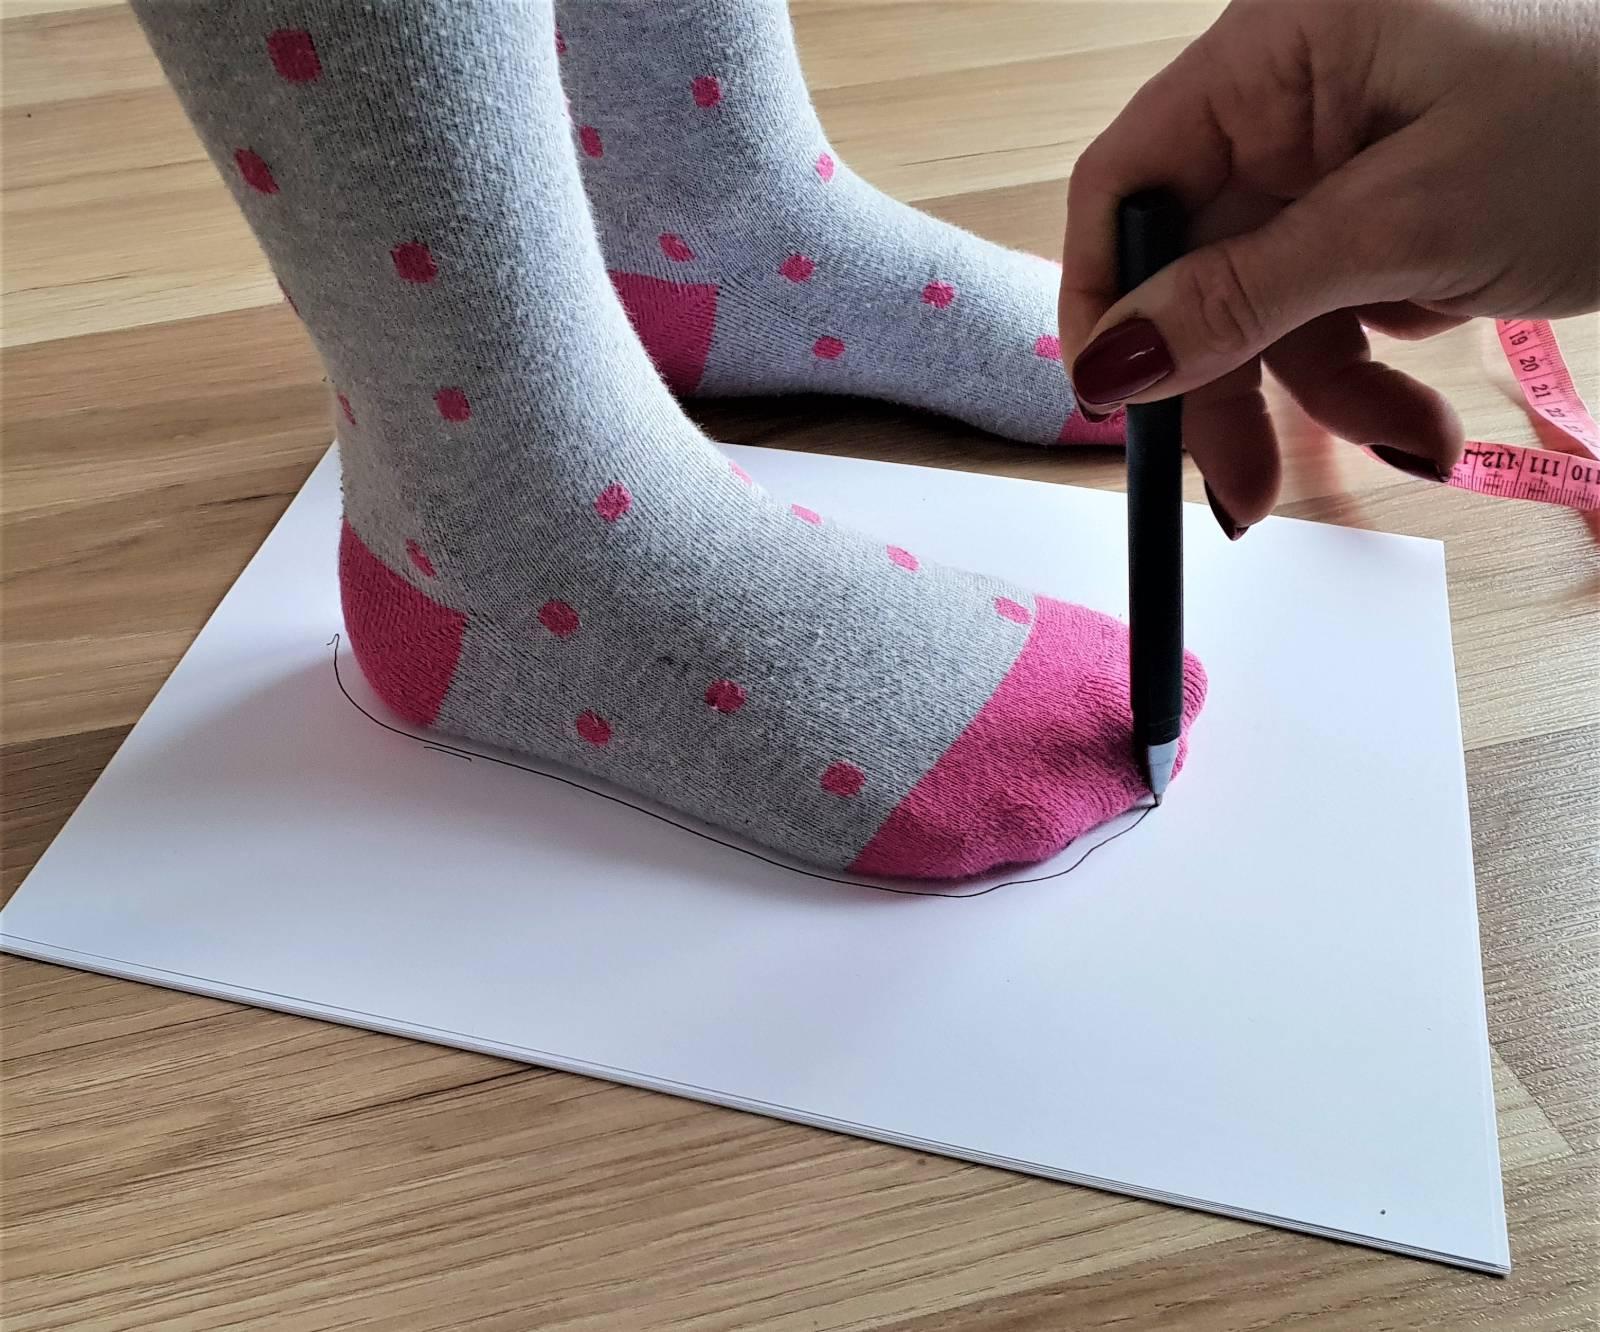 Jak zmierzyć stope dziecka, pomiar stopy dziecka, kapcie do przedszkola, kapcie dla dzieci, sandałki dziecięce,